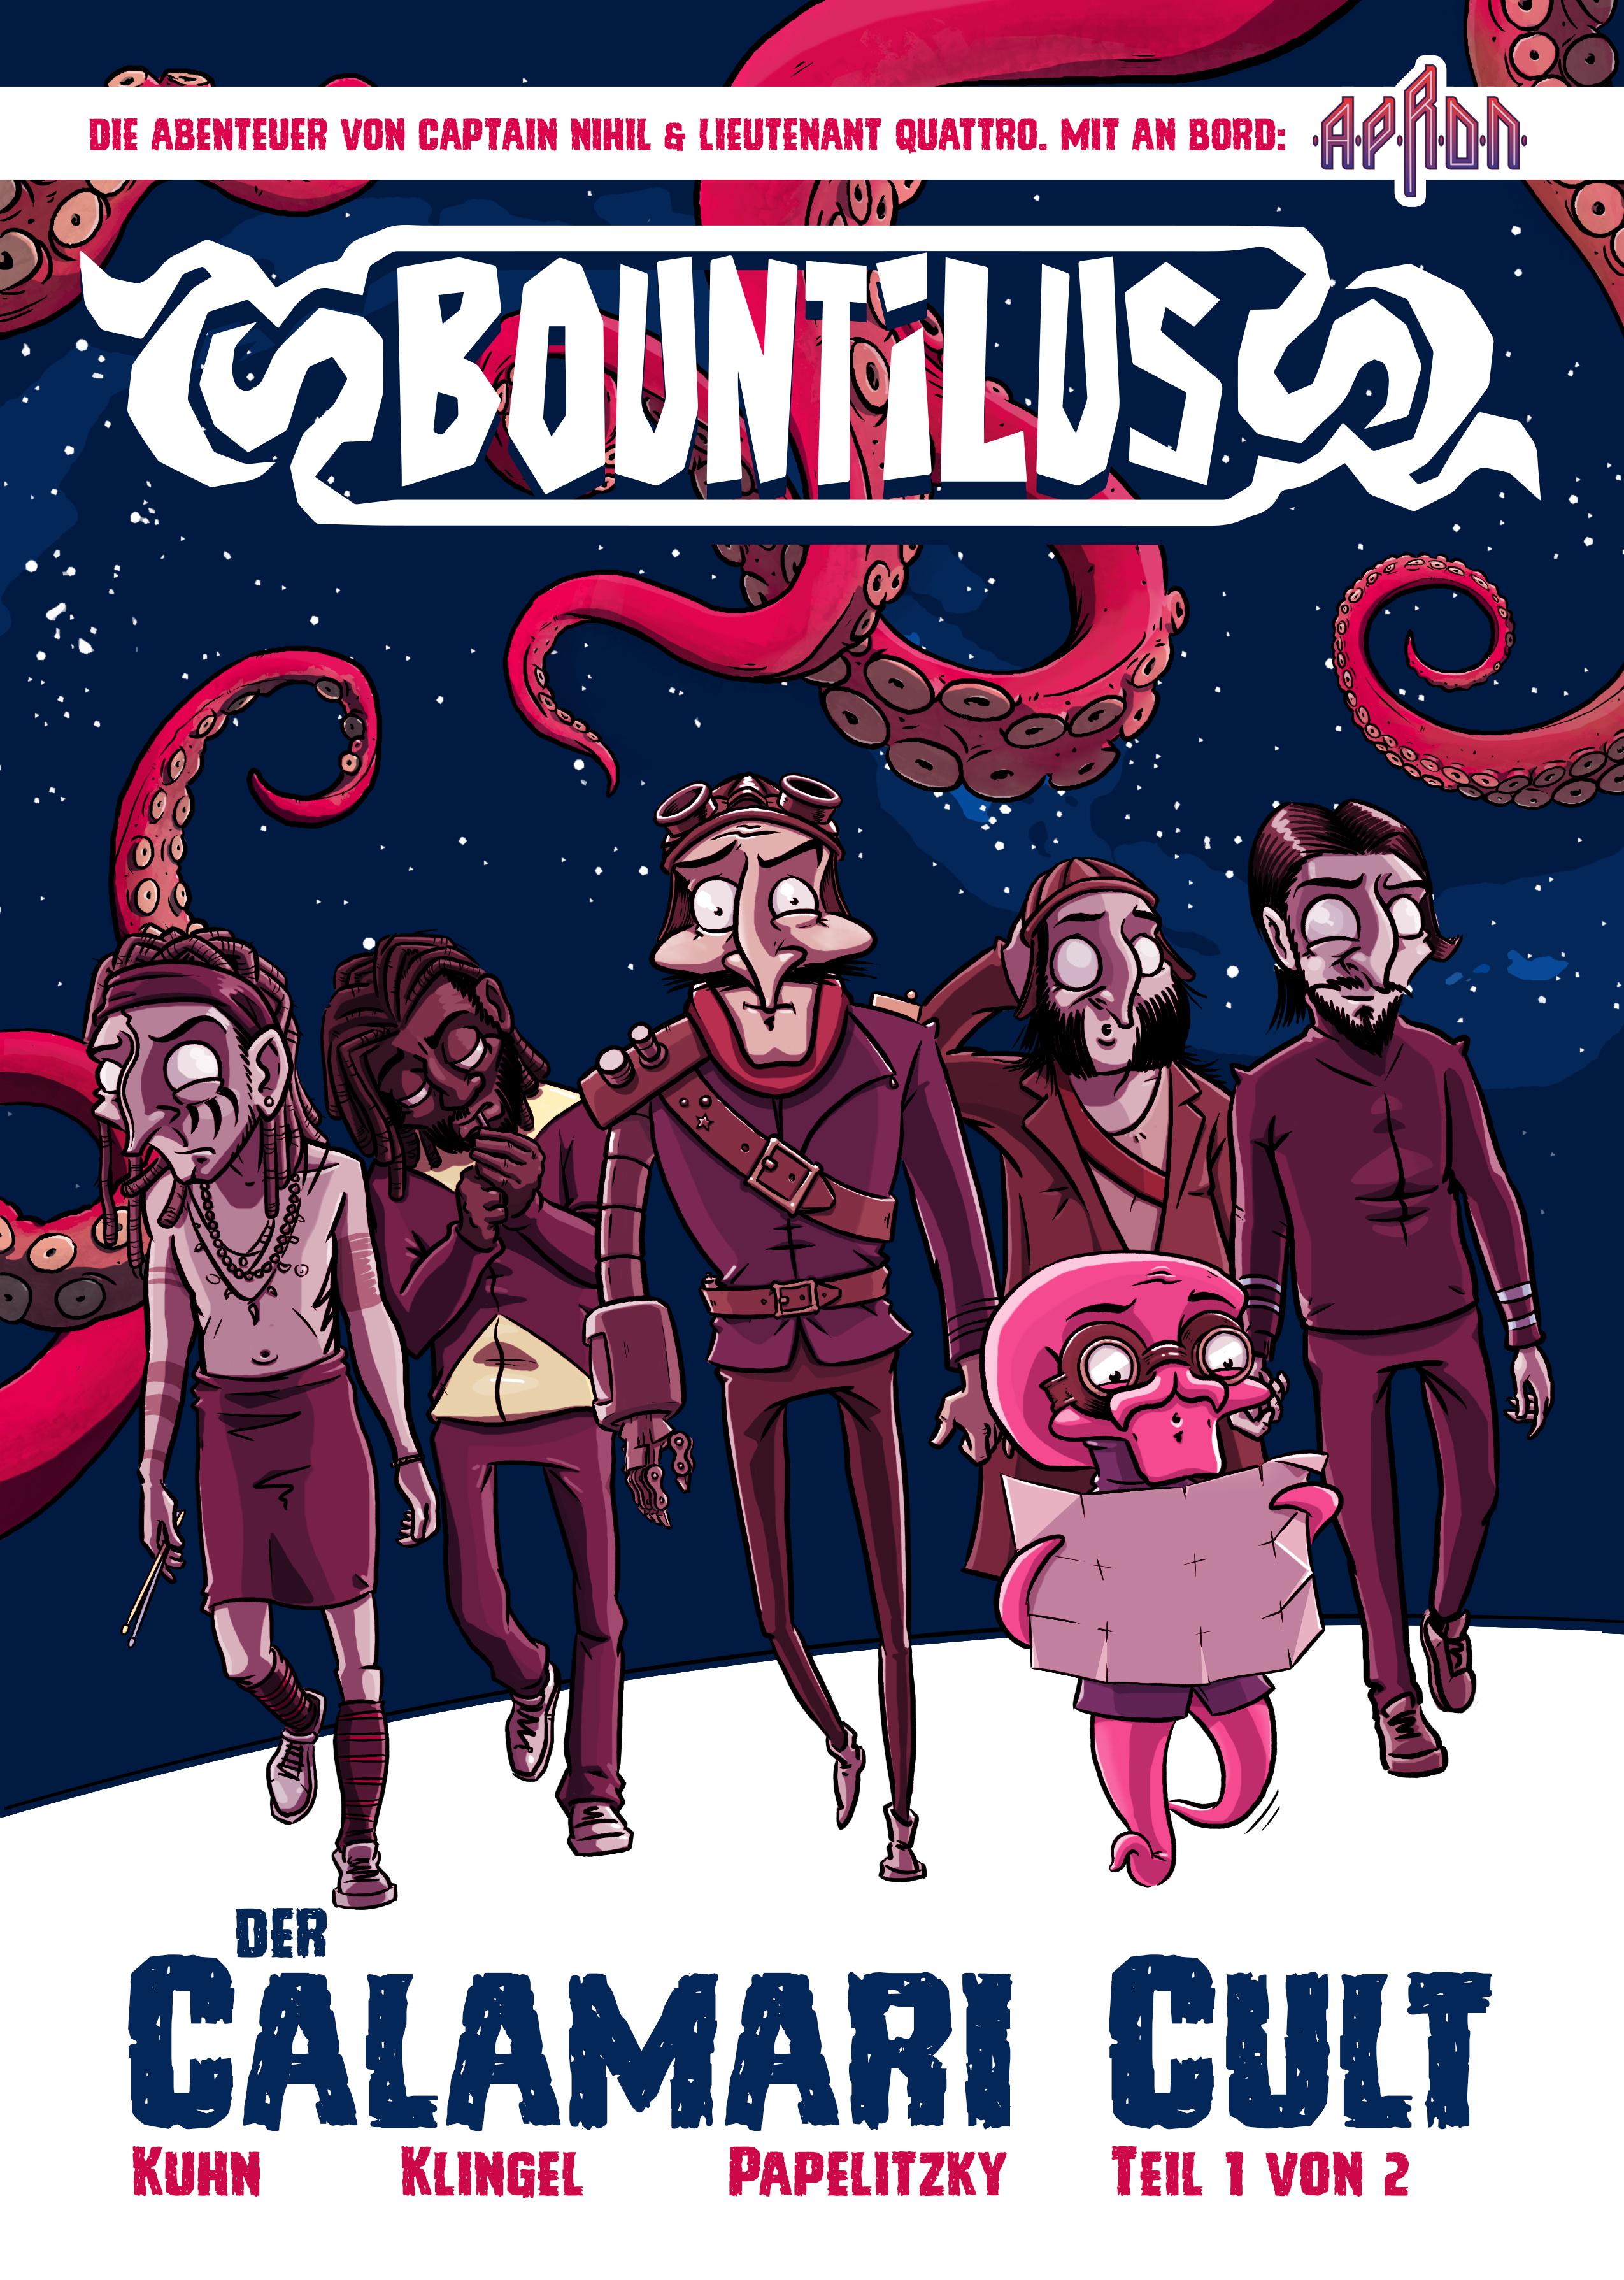 BOUNTILUS_CalamariCult1_Cover